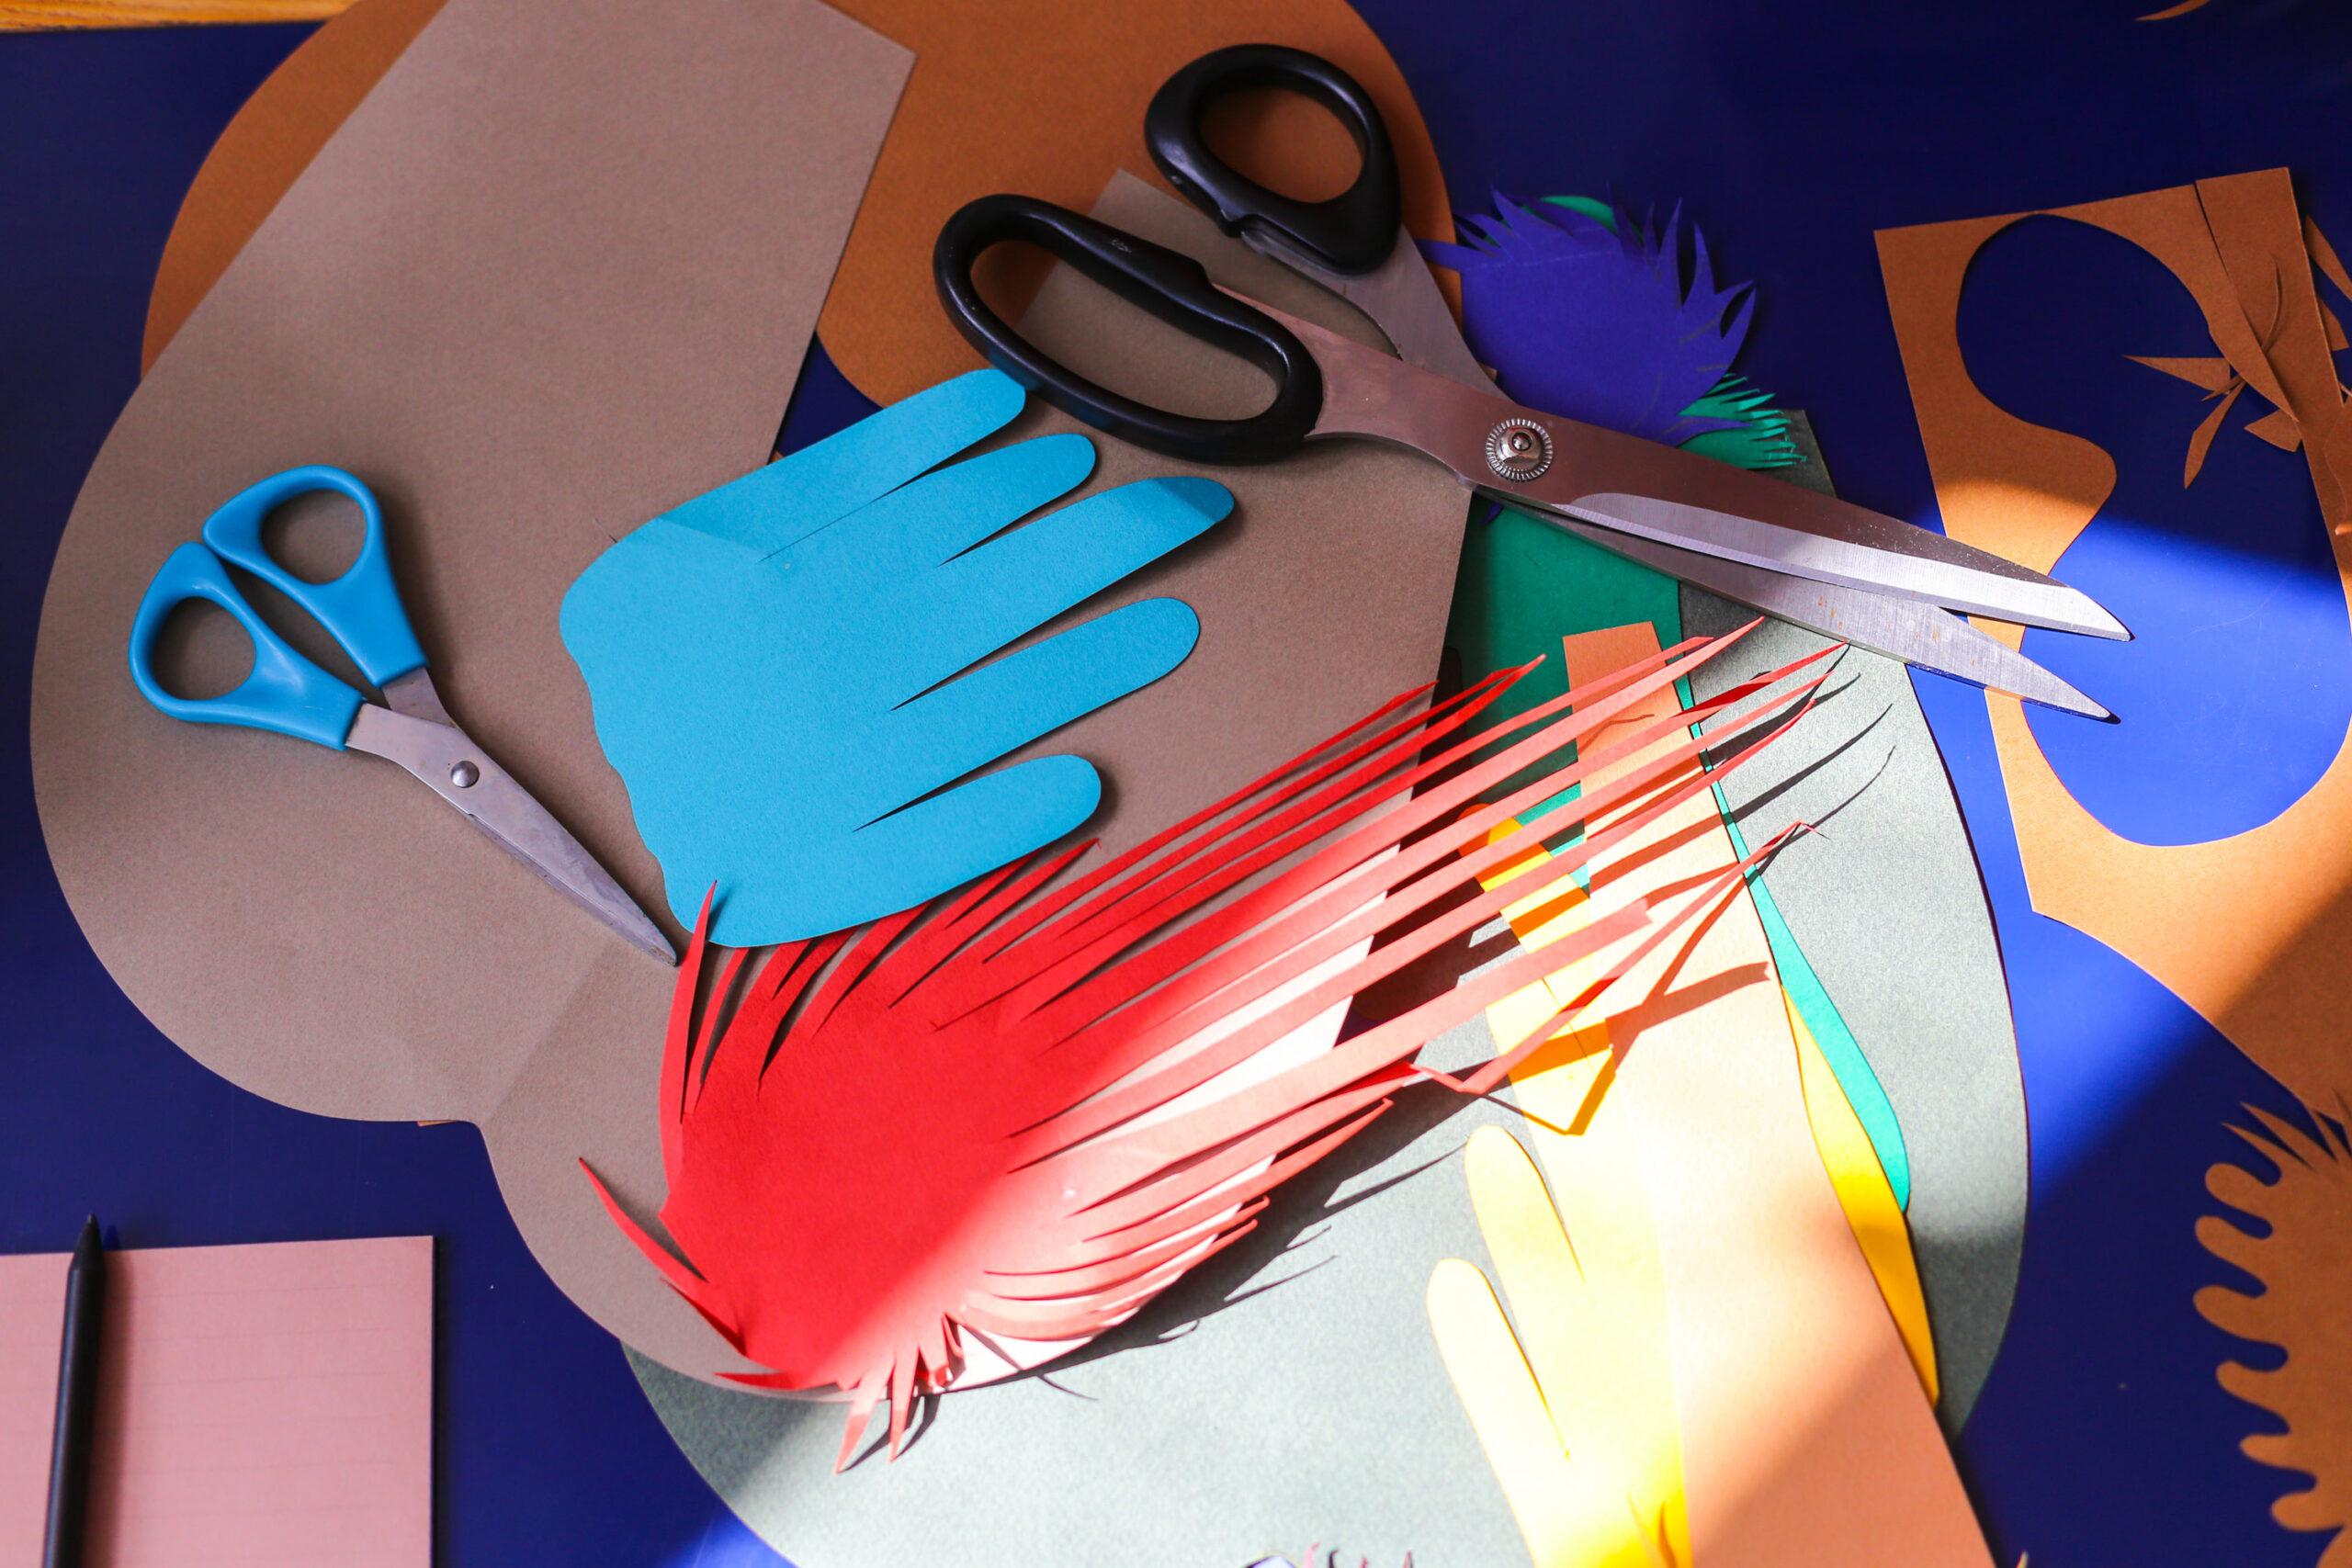 PAPER CUT UP'S by MATTIAS LINDQVIST